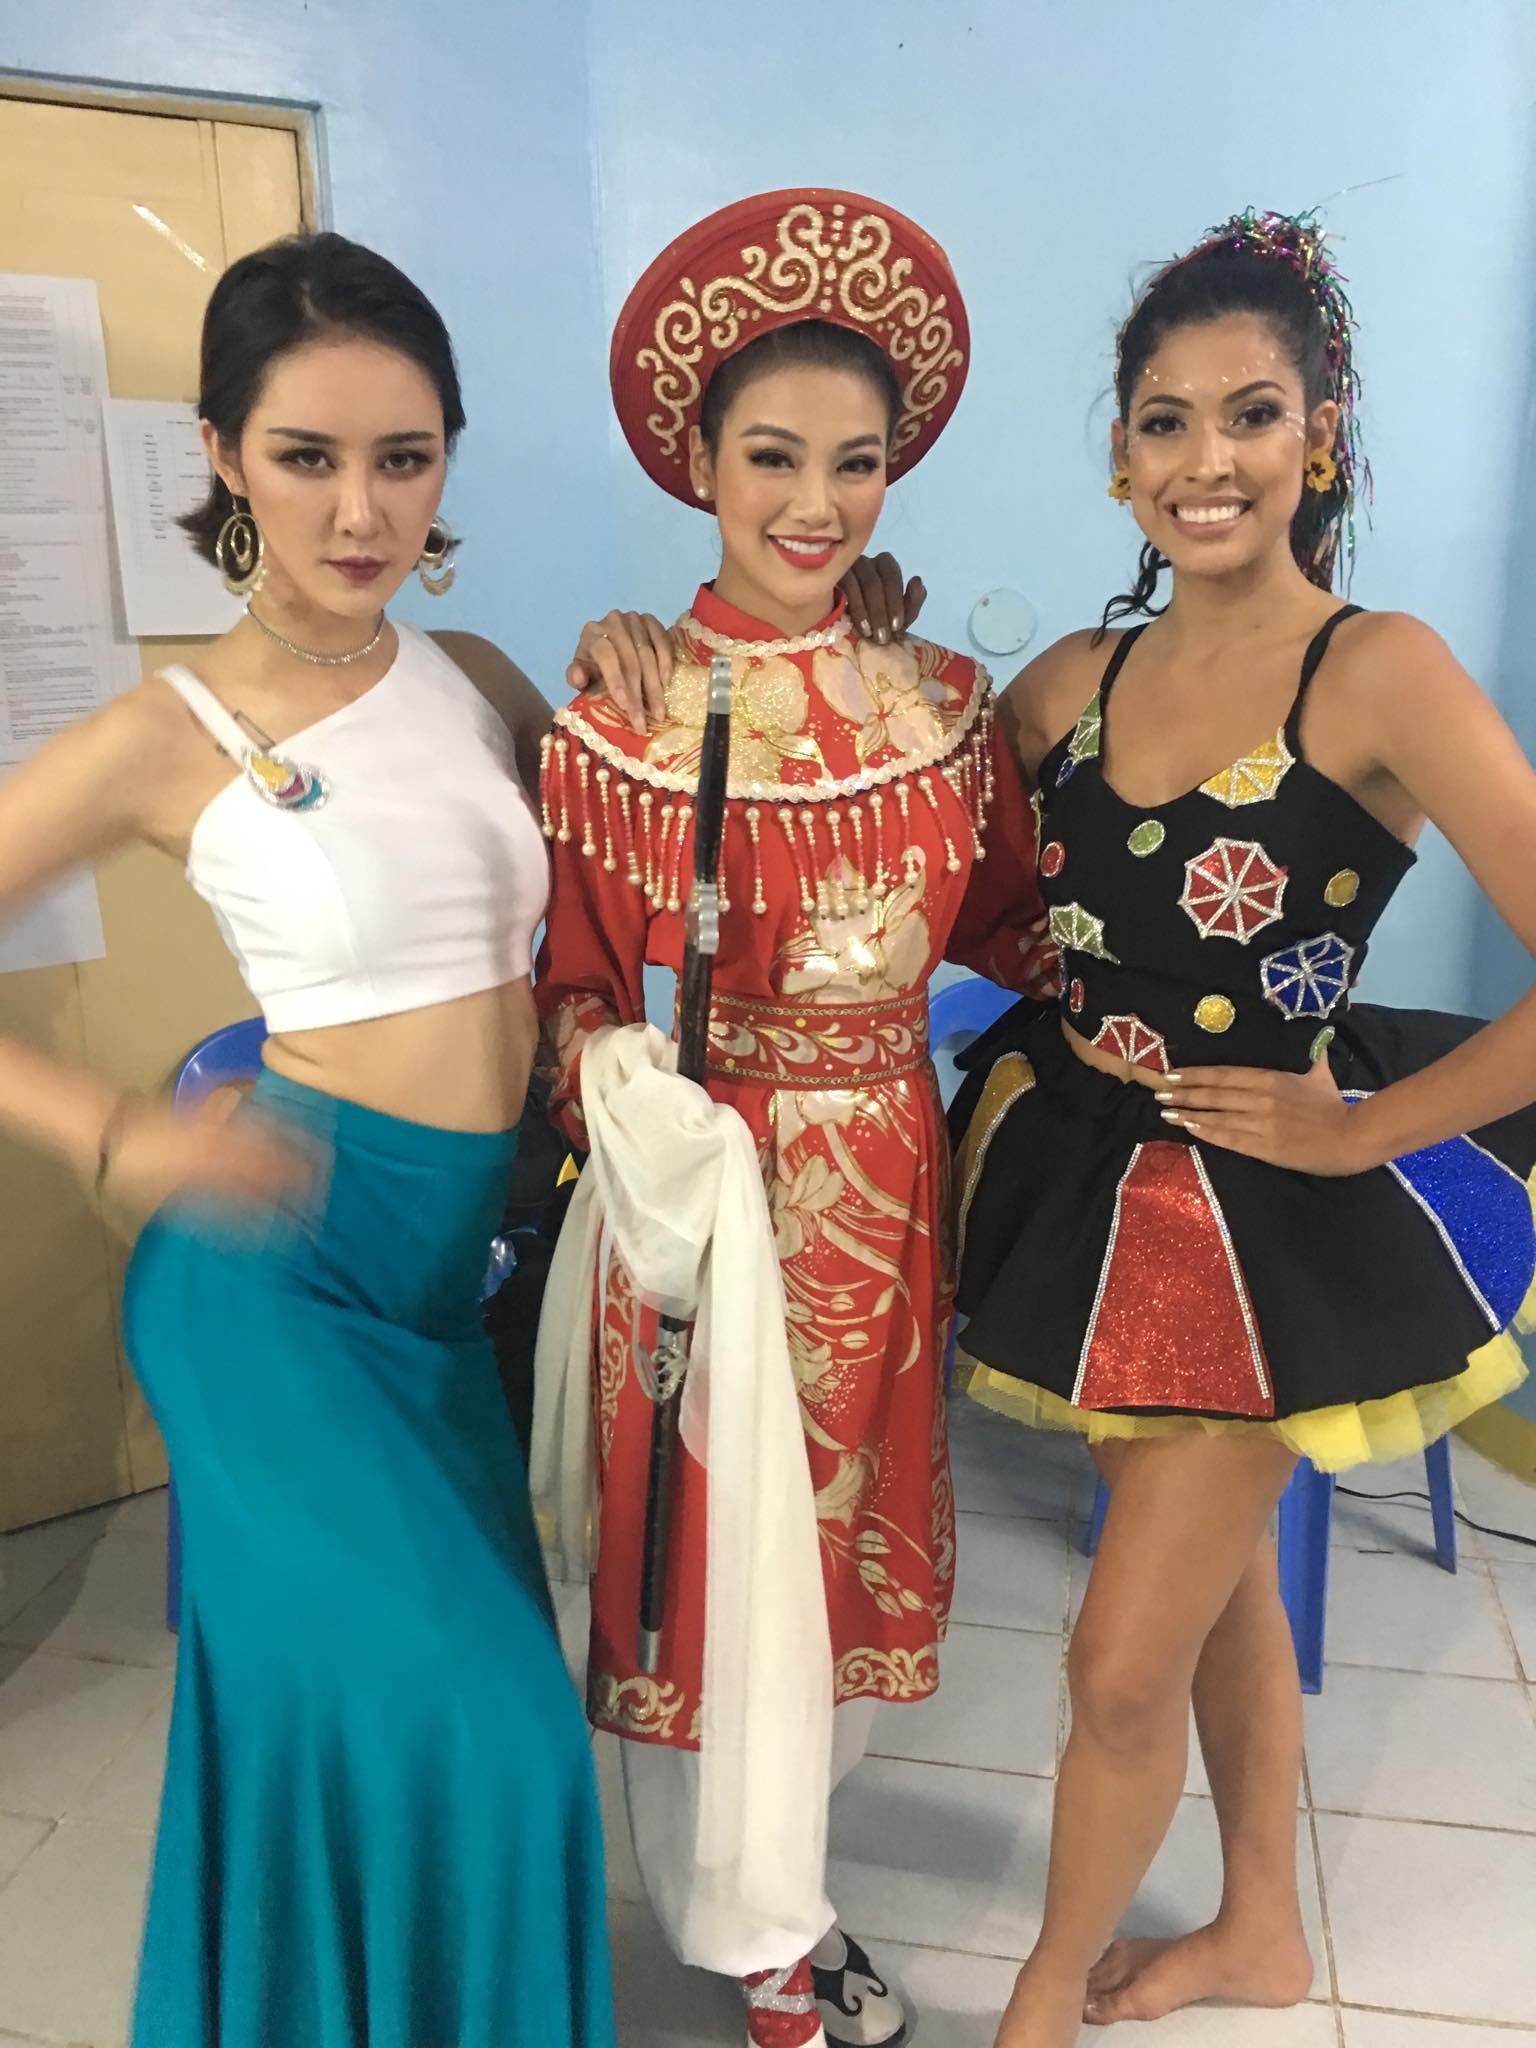 Các đại diện Việt Nam đang được chuyên trang sắc đẹp quốc tế đánh giá thế nào khi đem chuông đi đánh xứ người? - Ảnh 10.